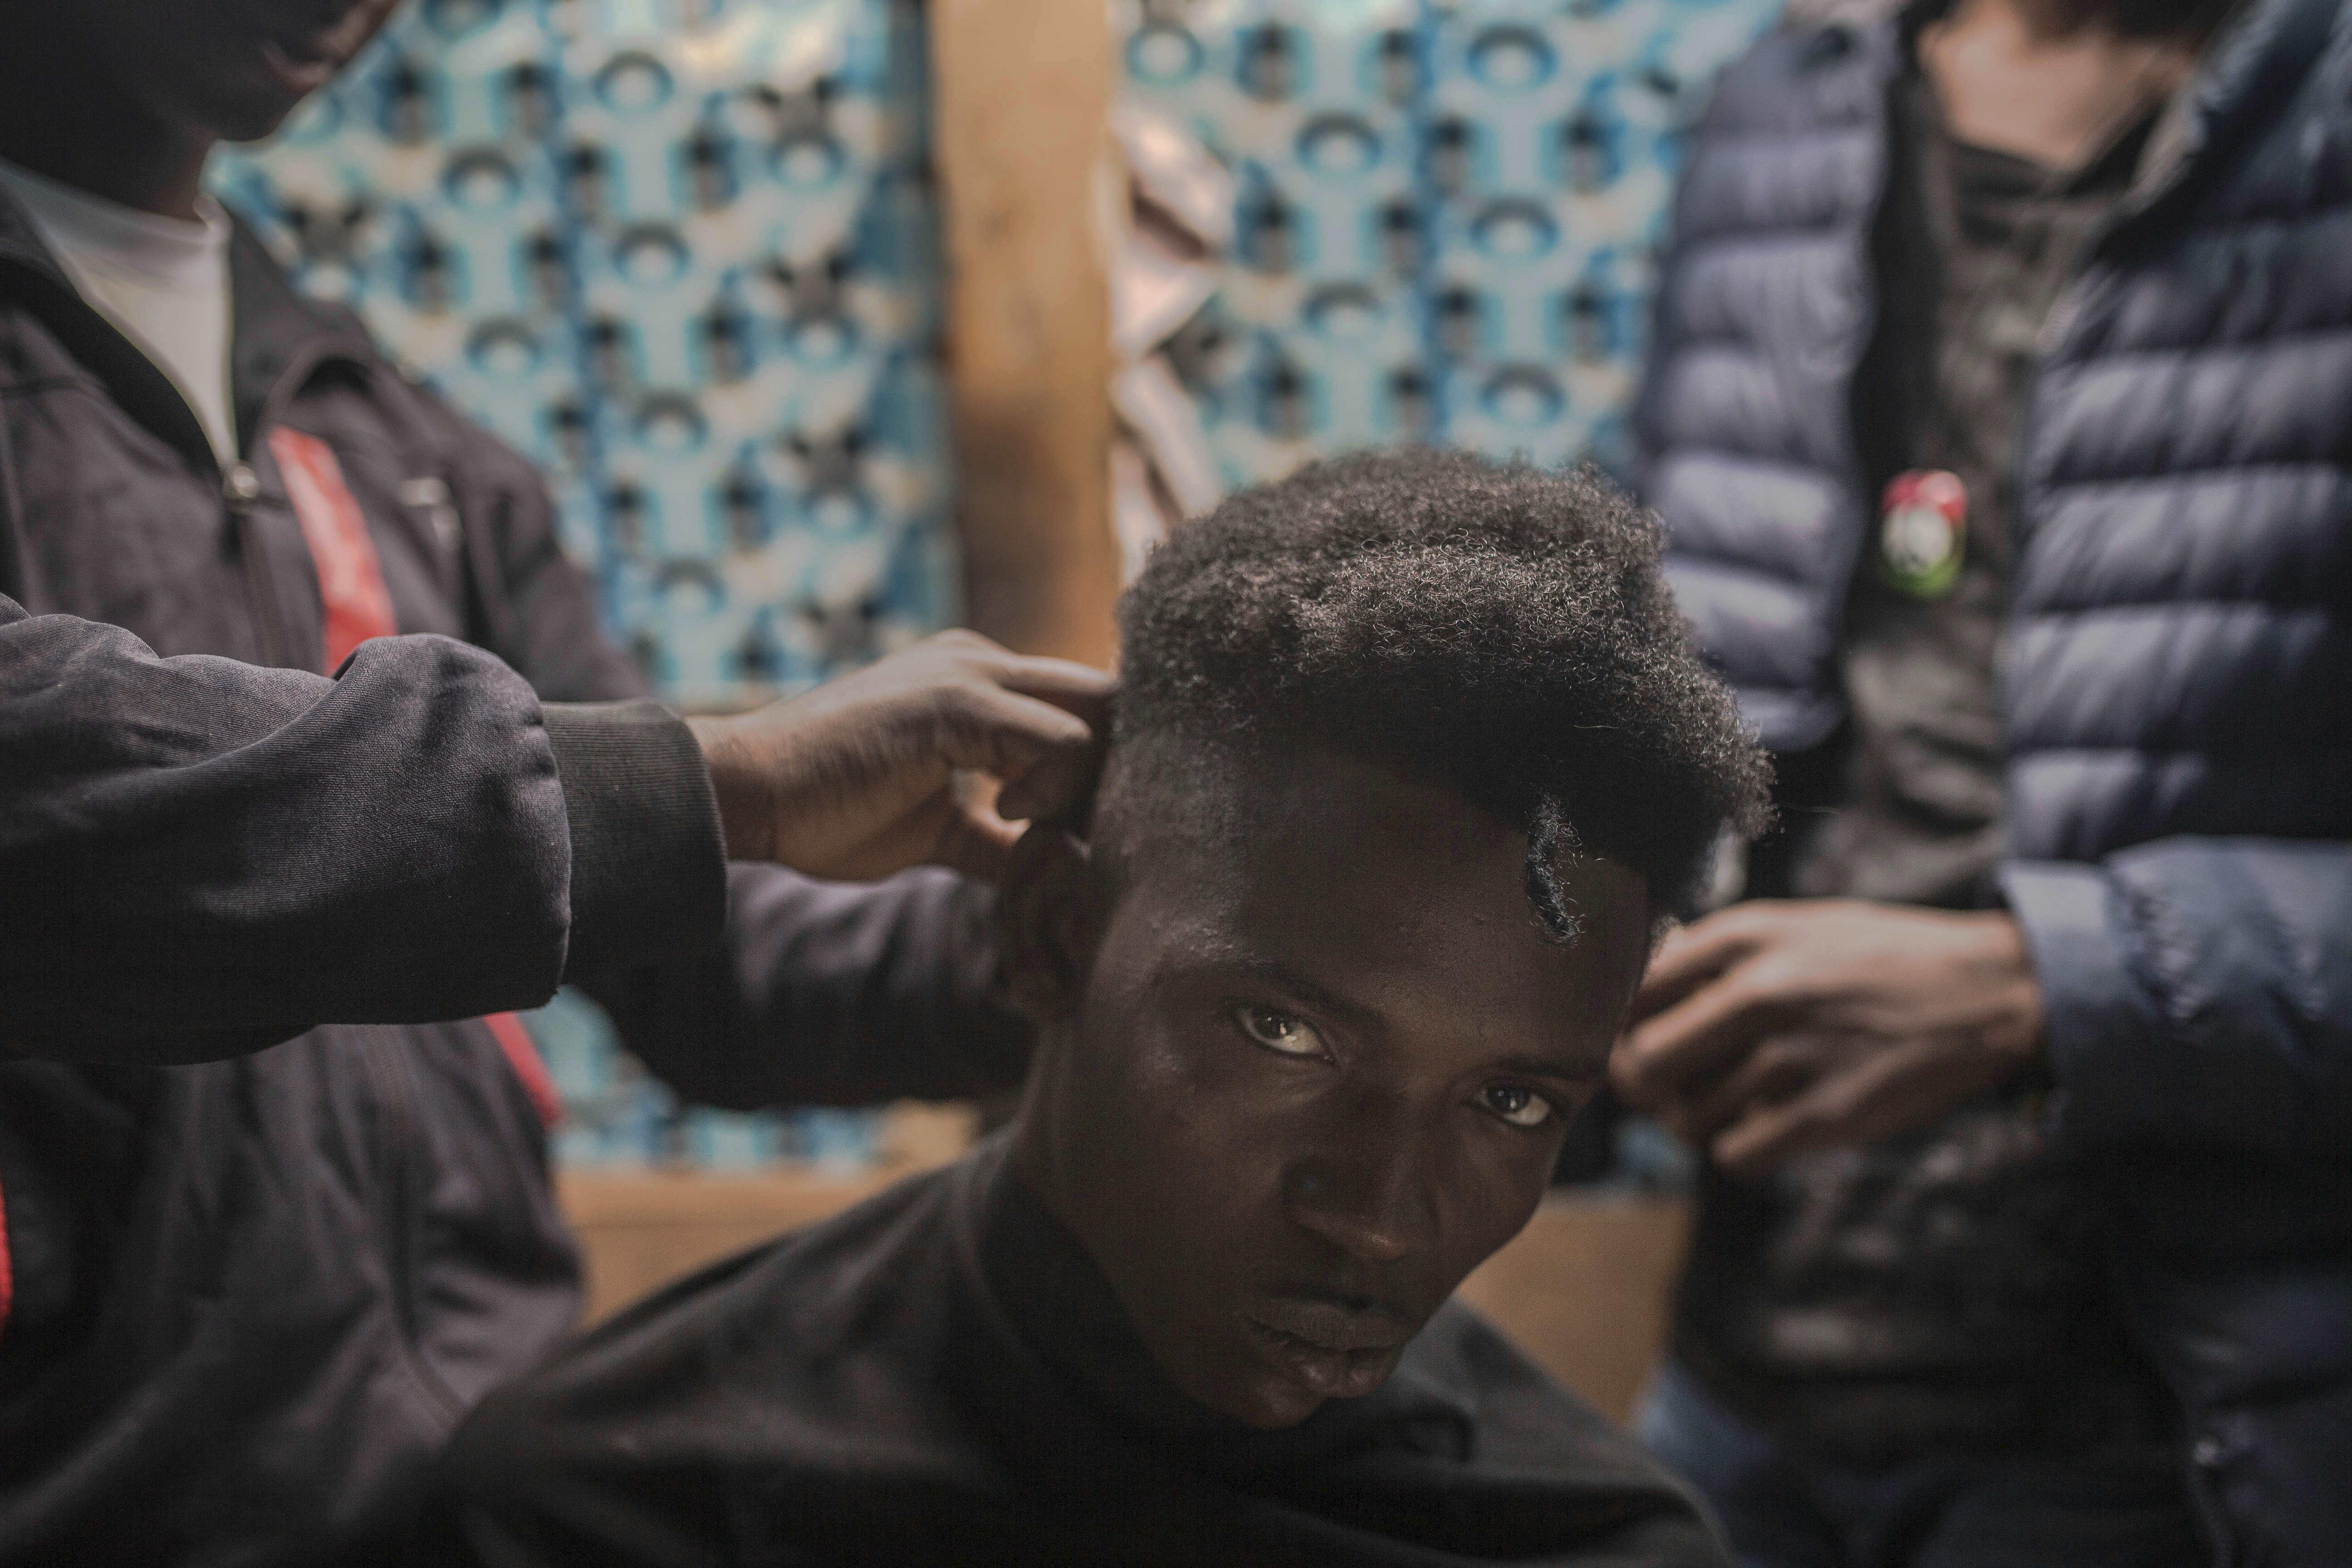 Malgré les lois, le racisme reste ancré au Maroc, alerte une rapporteuse spéciale de